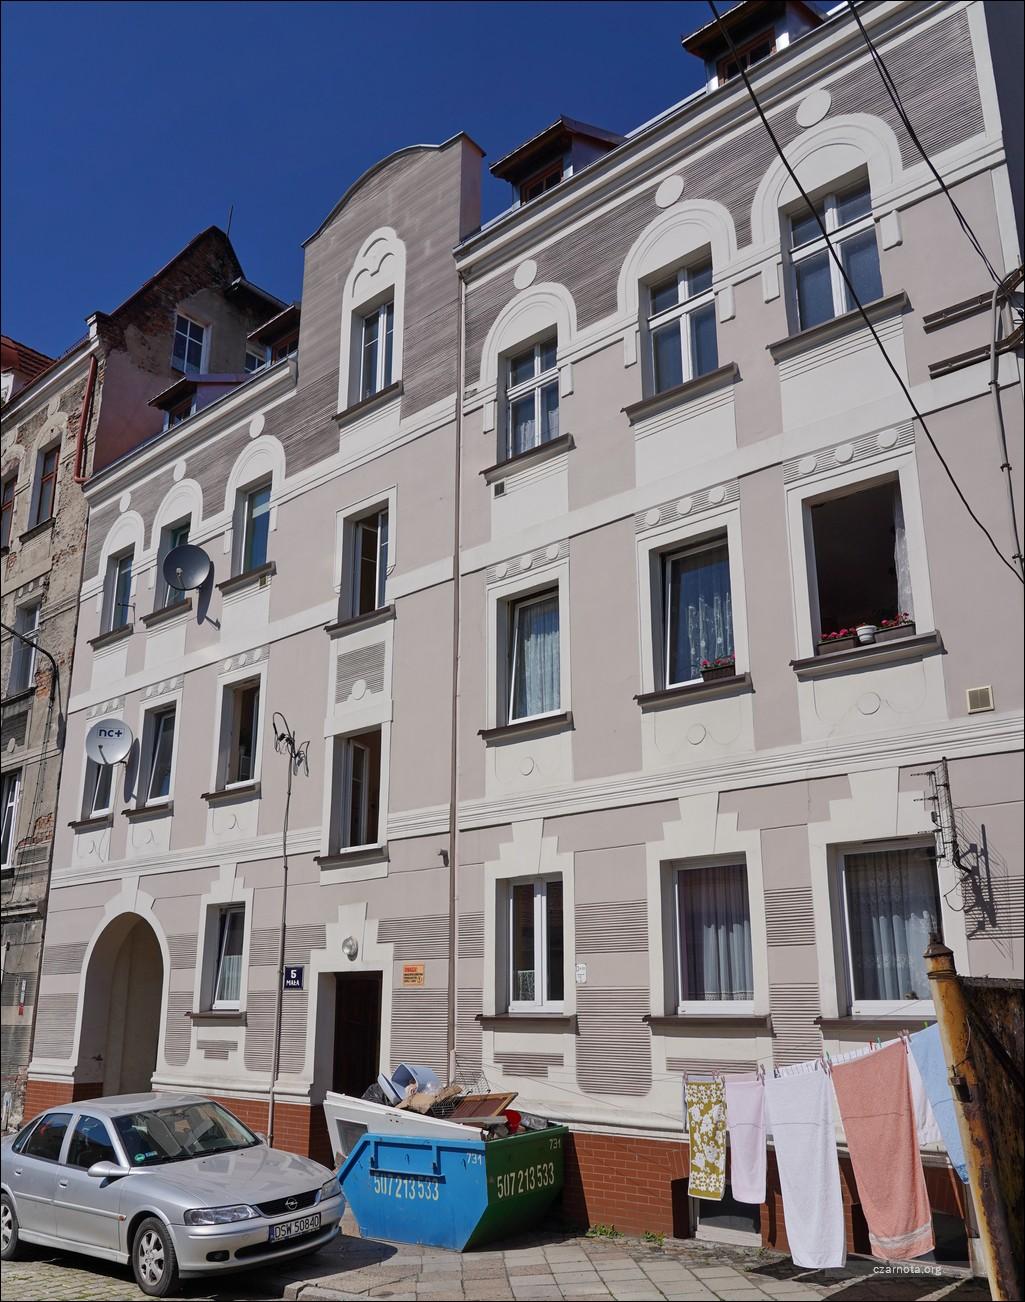 Wałbrzych, ul. Nowy Świat / Mała w 2010/12 i 2021